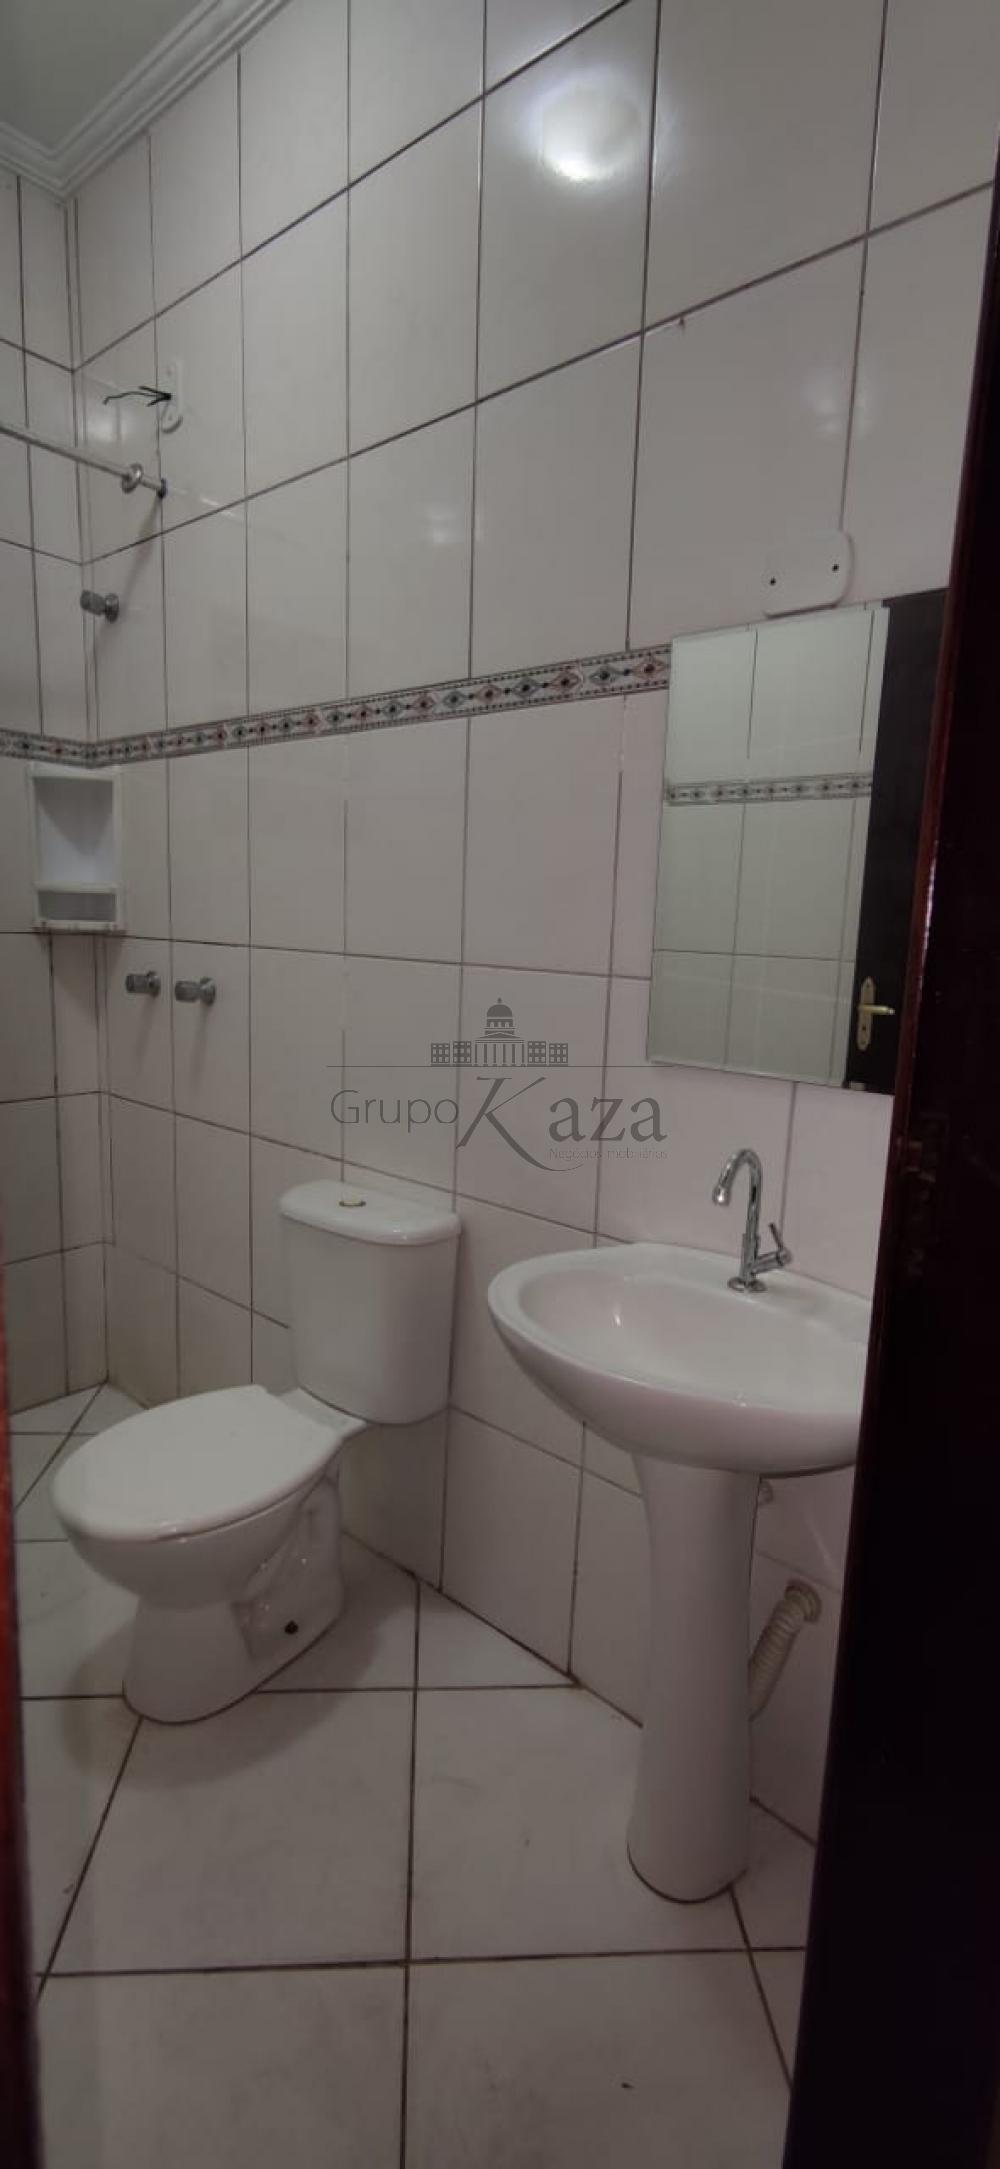 alt='Comprar Casa / Sobrado em São José dos Campos R$ 430.000,00 - Foto 17' title='Comprar Casa / Sobrado em São José dos Campos R$ 430.000,00 - Foto 17'